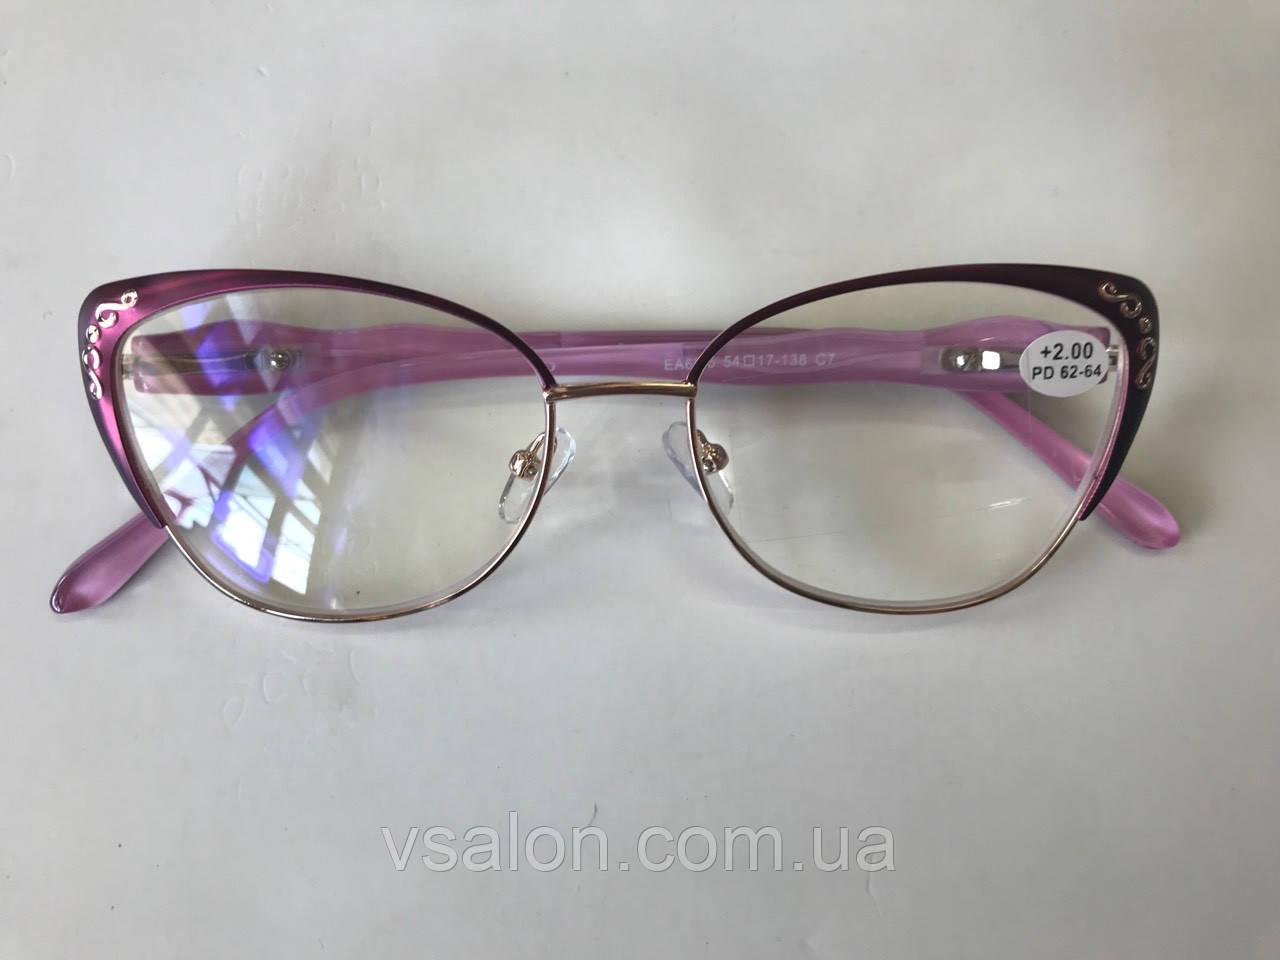 Жіночі комп'ютерні окуляри для зору 6815